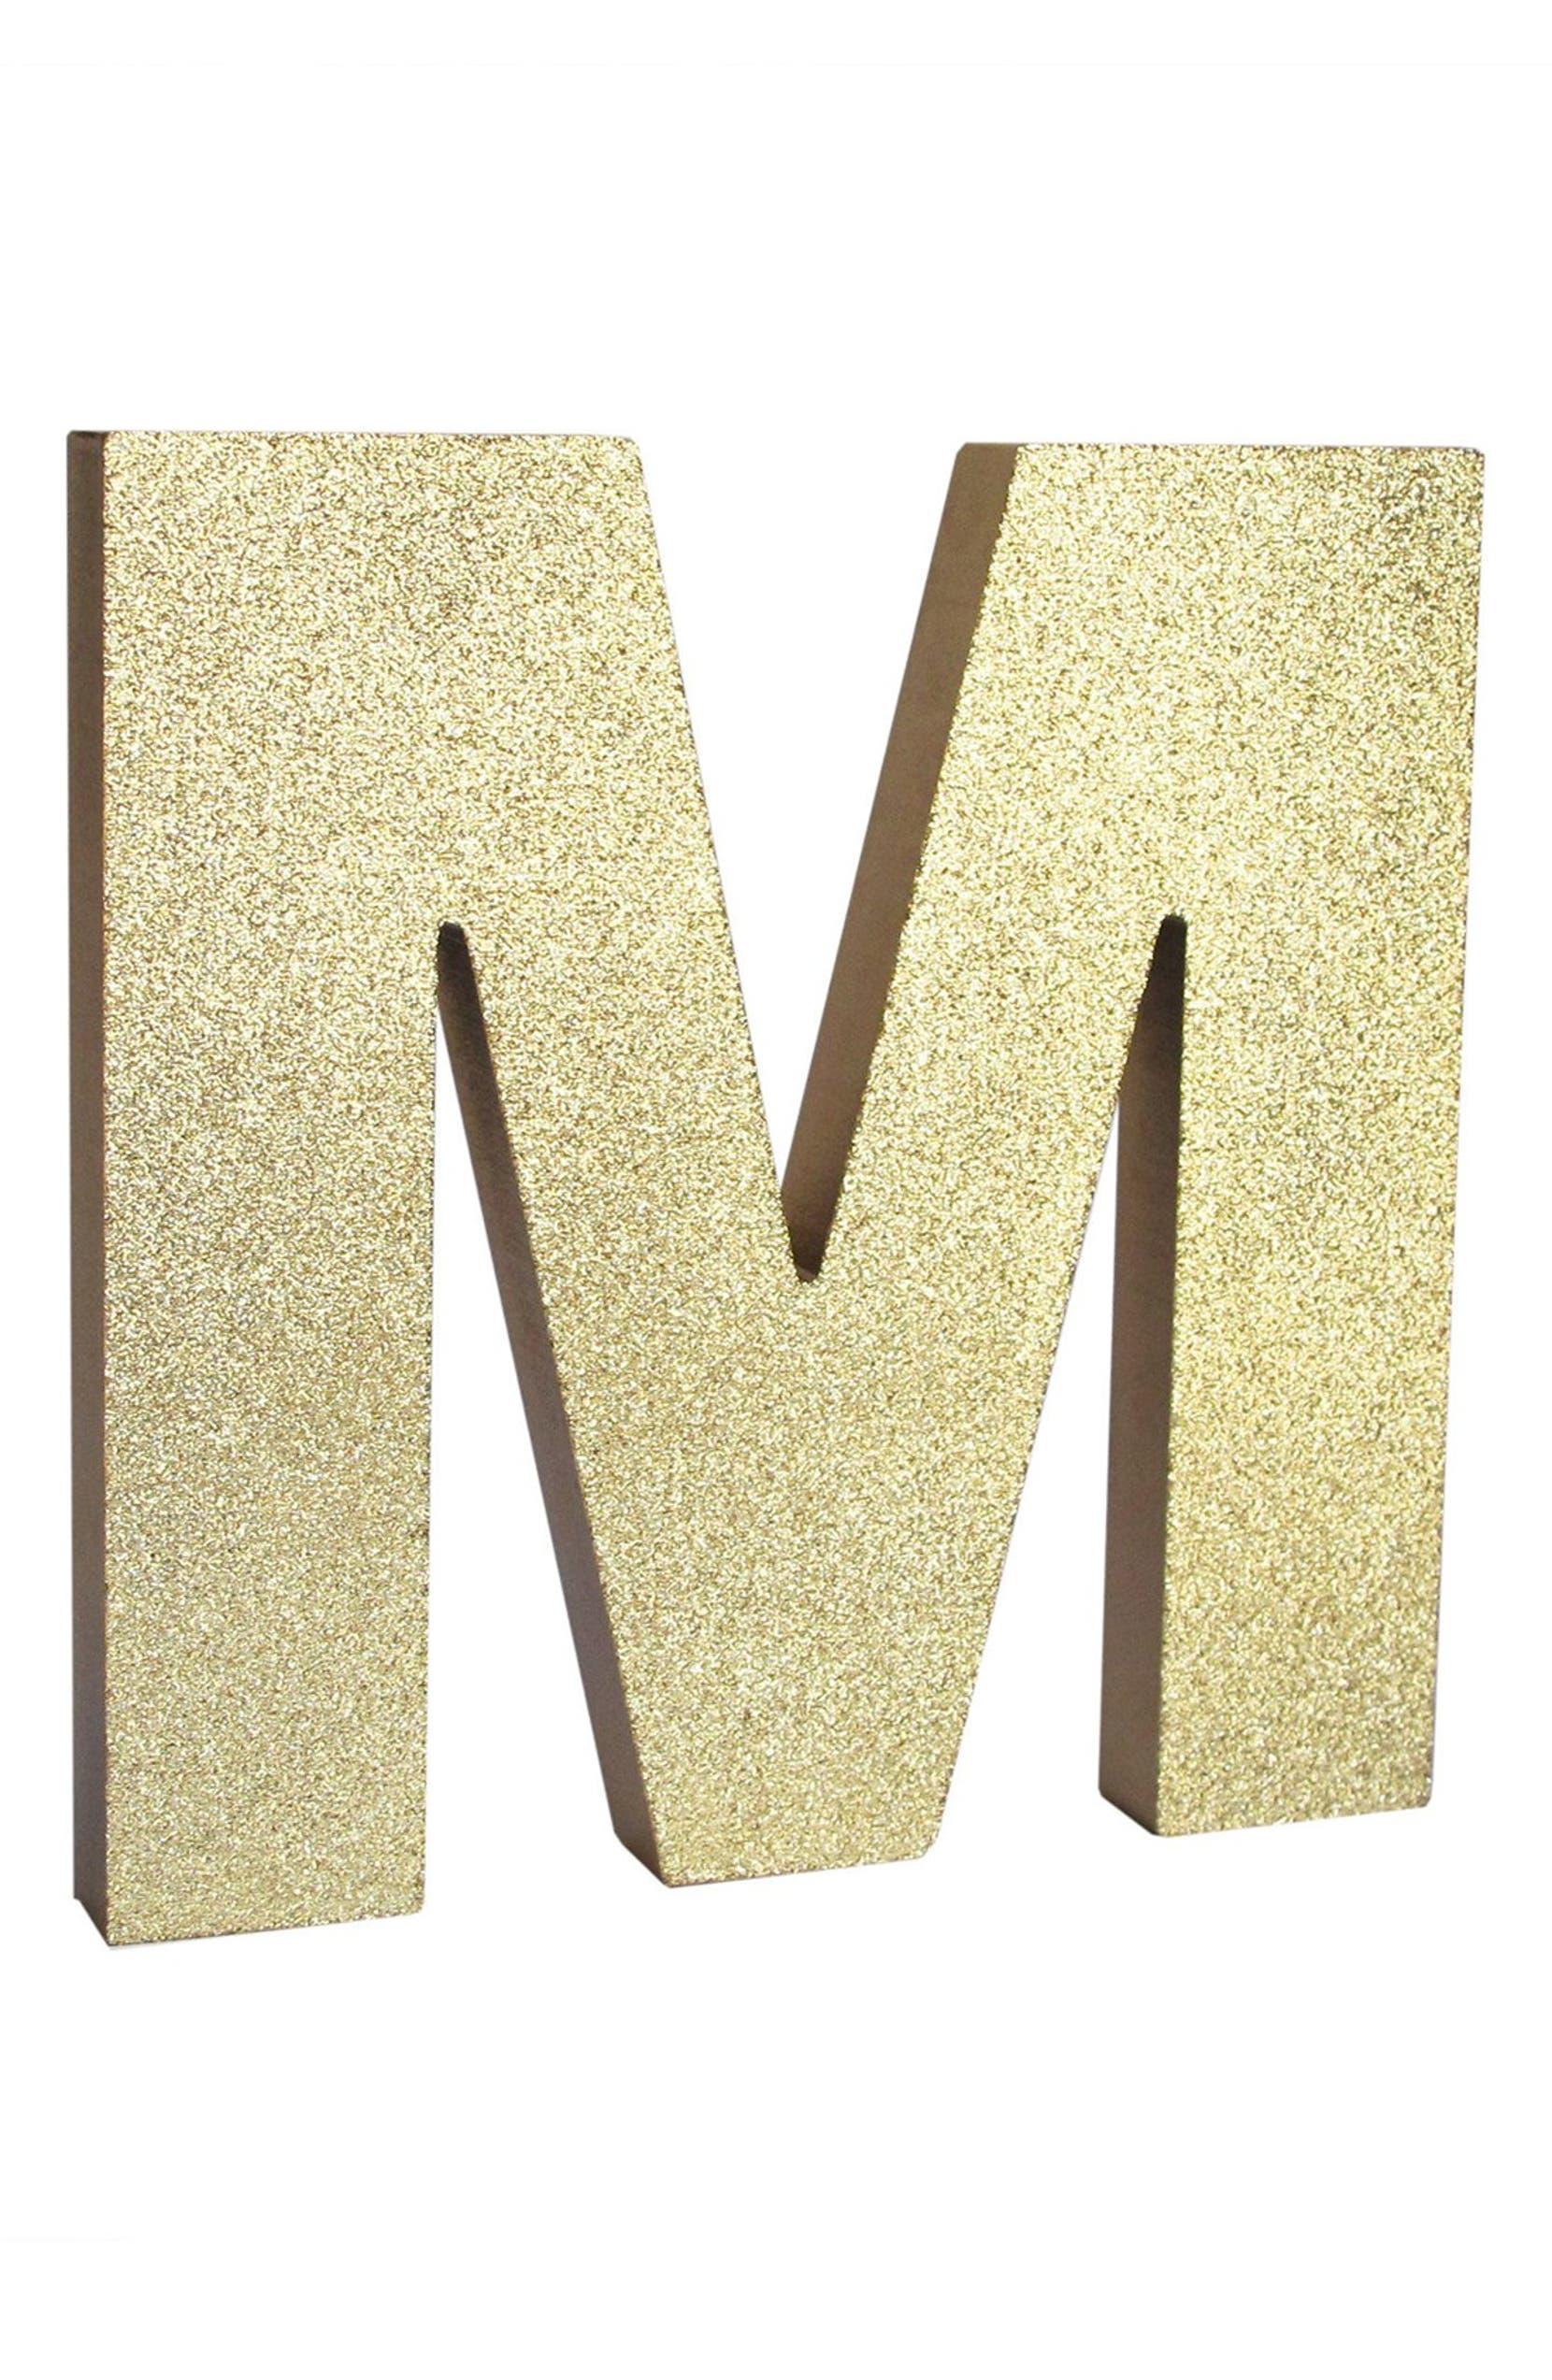 American Atelier Glitter Monogram Letter Decoration   Nordstrom